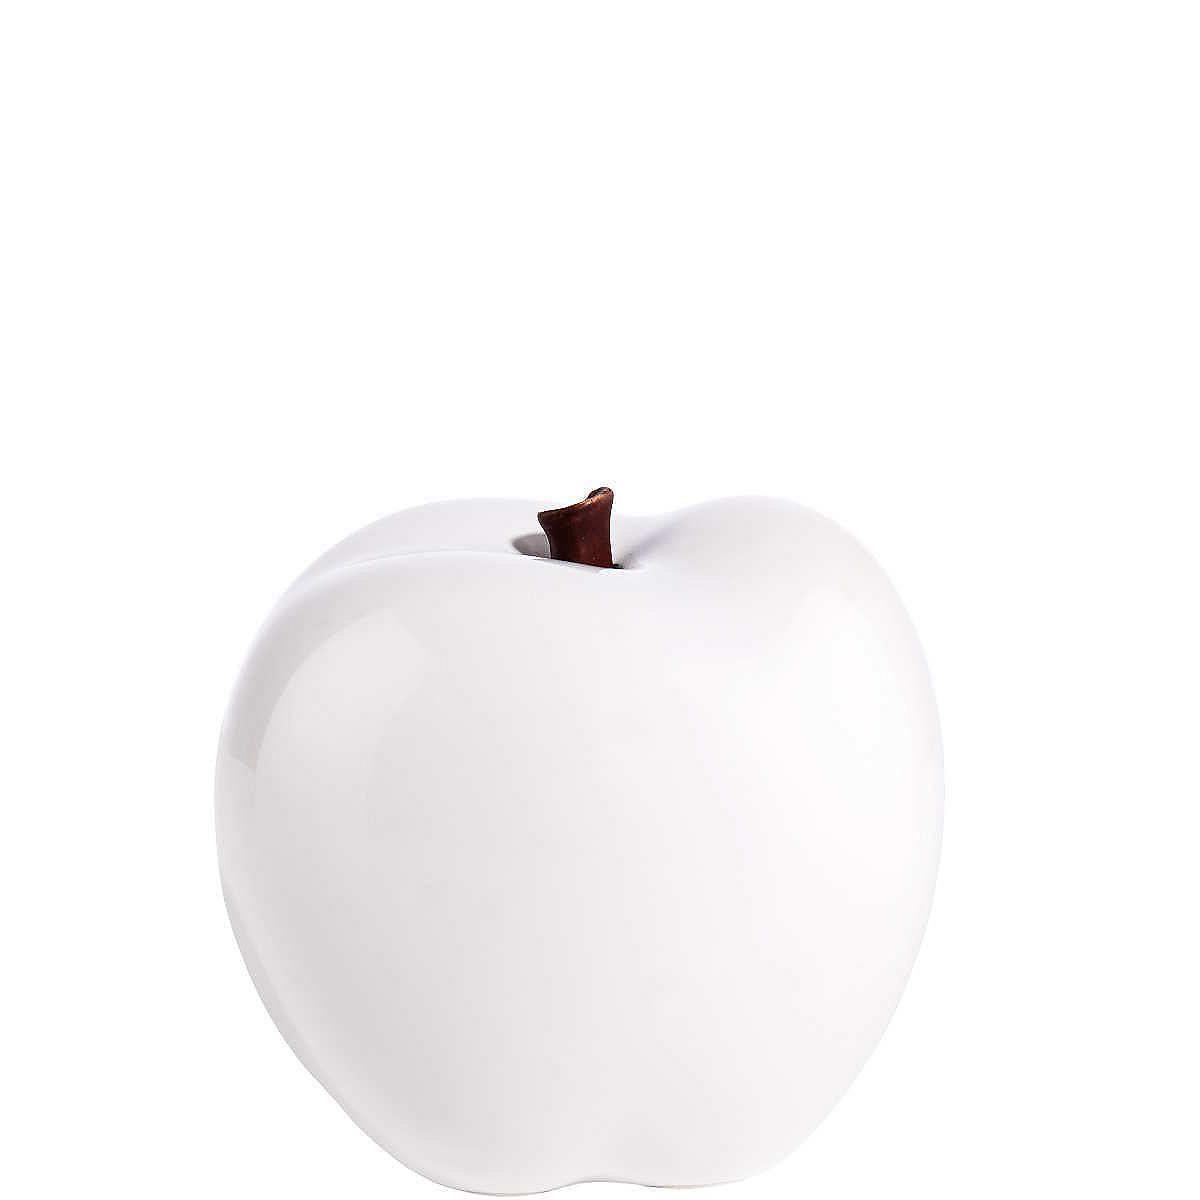 PERFECT BITE Keramikapfel glänzend    Wohlgeformt und makellos: Der Perfect Bite-Keramikapfel glänzt zum Anbeißen schön, ist aber weniger zum Reinbeißen als vielmehr zur Dekoration gedacht. Zum Beispiel für Schalen und Teller, in der Küche und im Esszimmer, als Einzelobjekt oder in Kombination mit weiteren Dekoäpfeln in Grün, Rot und / oder Weiß.    Größe: Ø 9 cm  Material: Keramik  RAKUTEN_TIT...